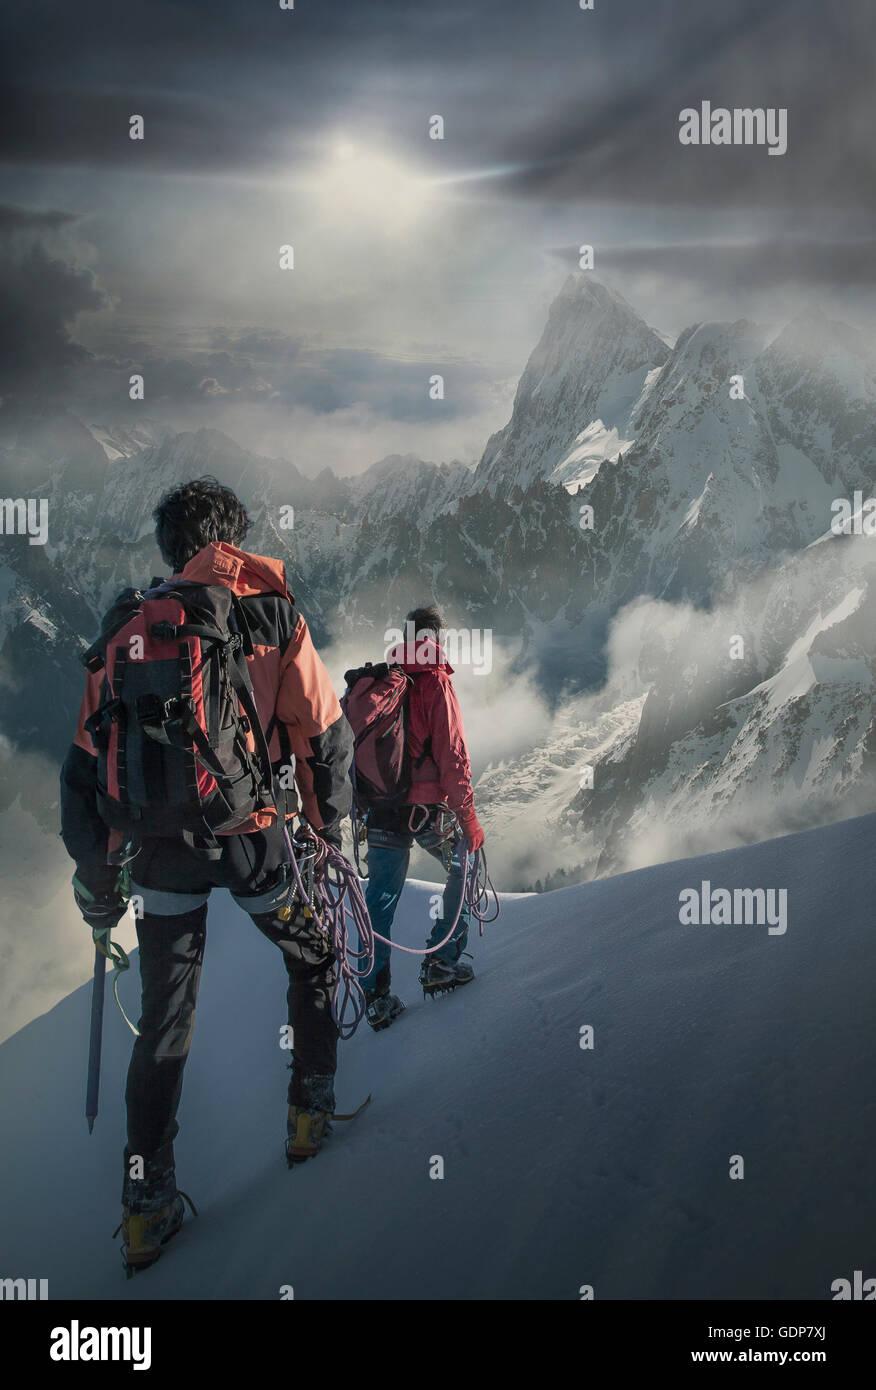 Zwei Bergsteiger auf einen verschneiten Hang beobachten den Grand Jorasses im Mont-Blanc-Massiv, Chamonix, Frankreich Stockbild